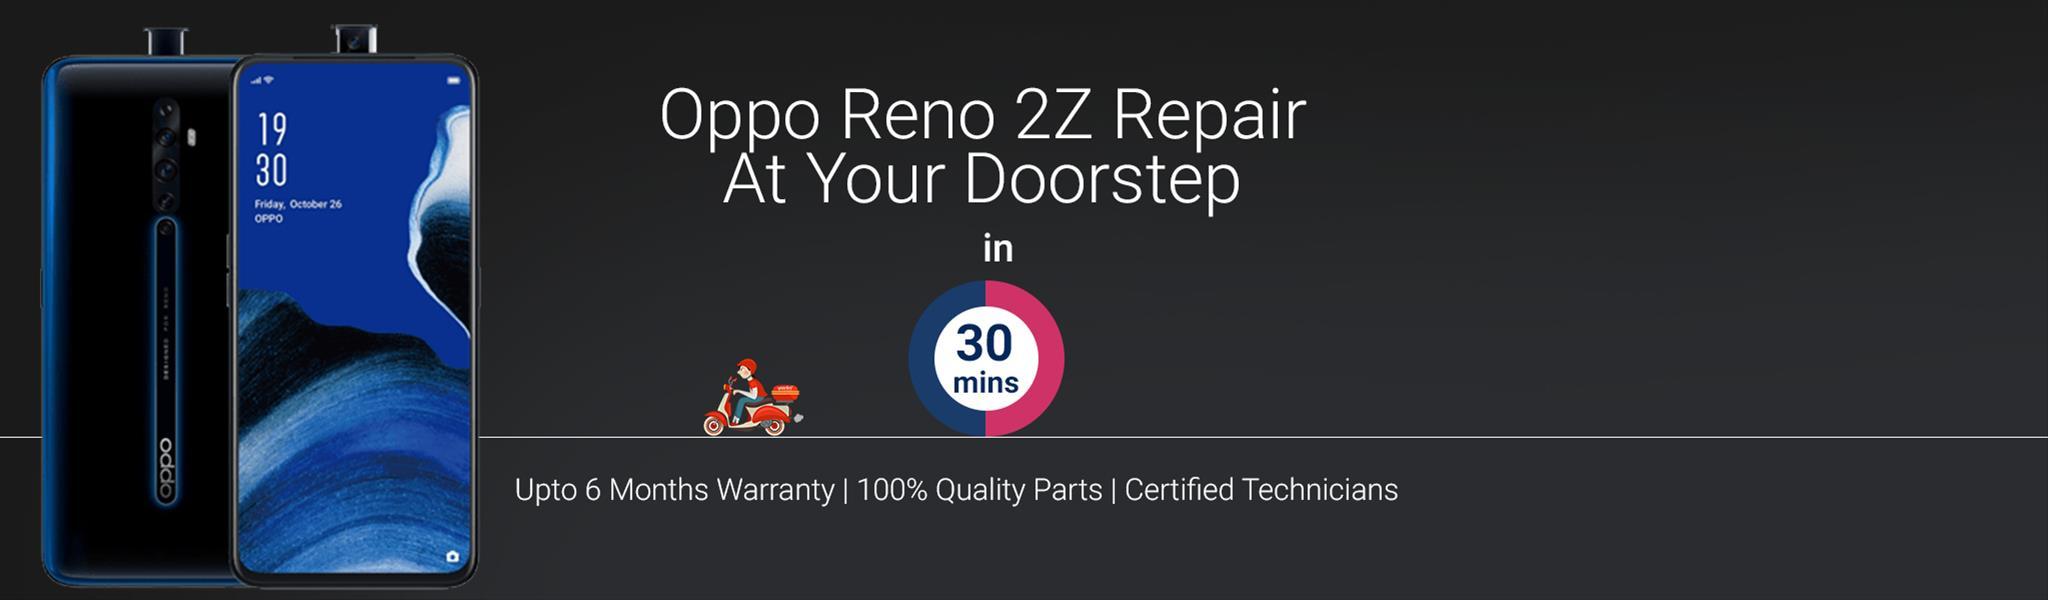 oppo-reno-2Z-repair.jpg